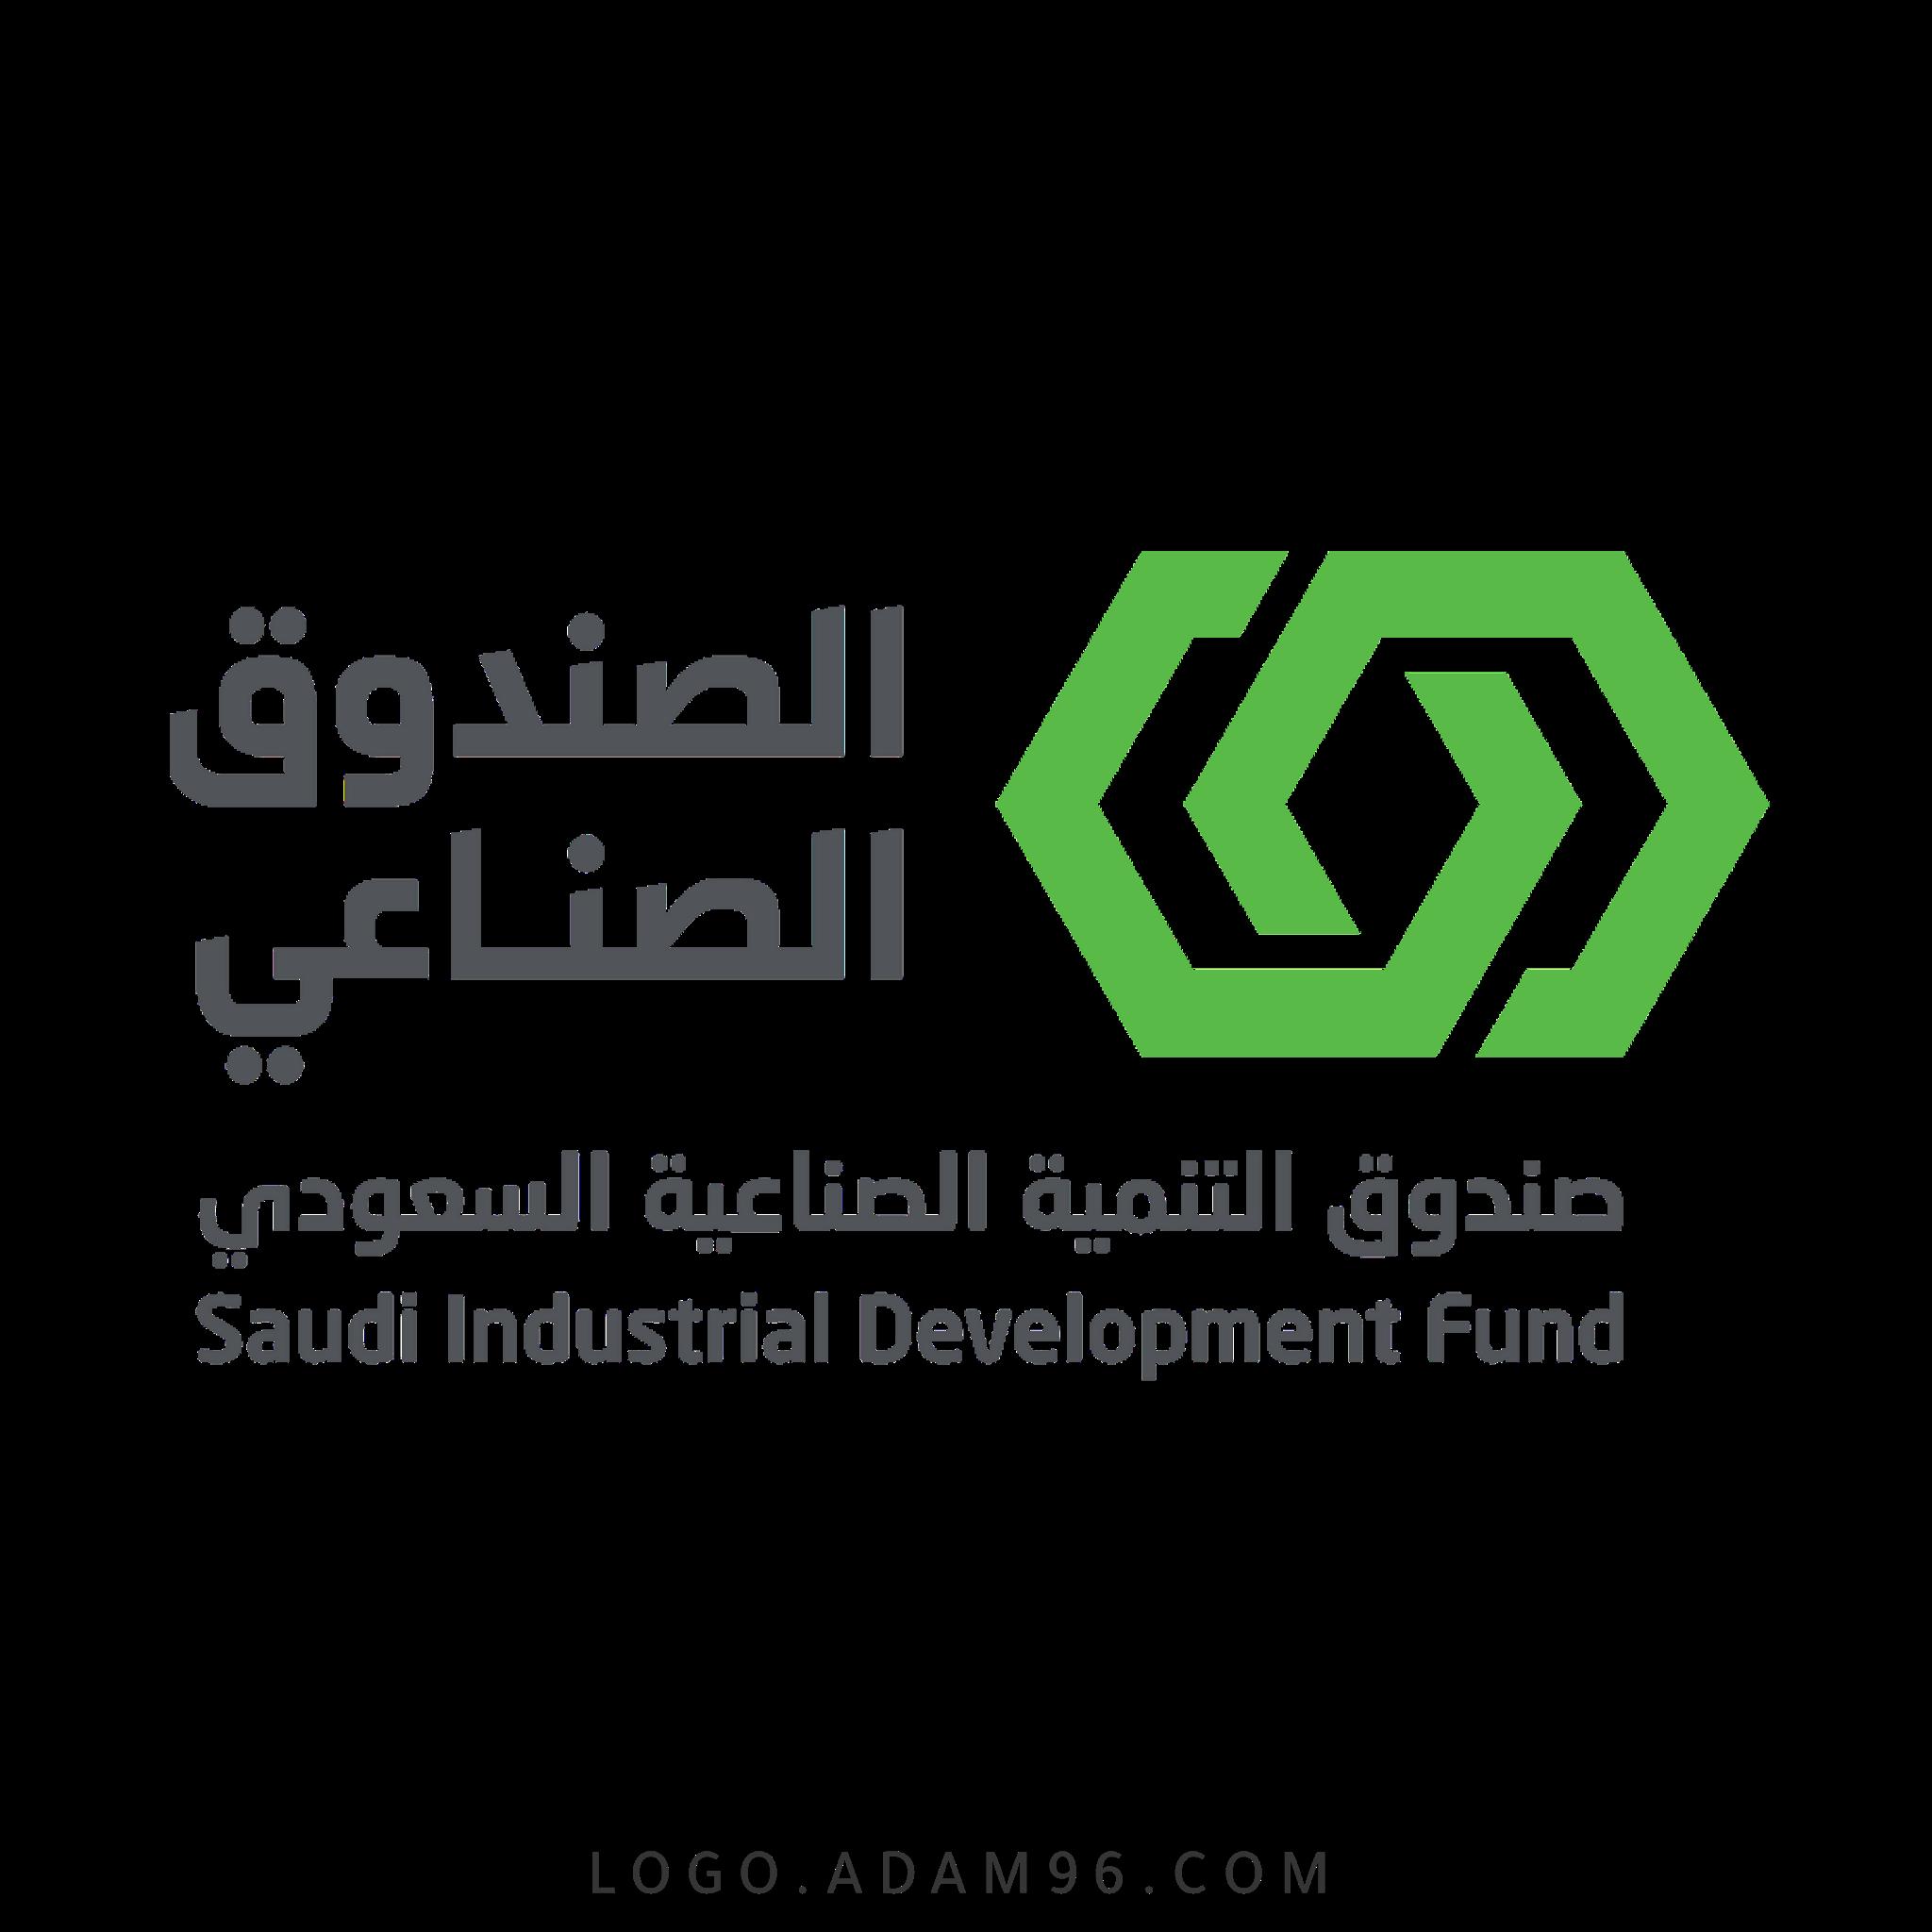 تحميل شعار الصندوق الصناعي السعودي لوجو رسمي عالي الجودة PNG